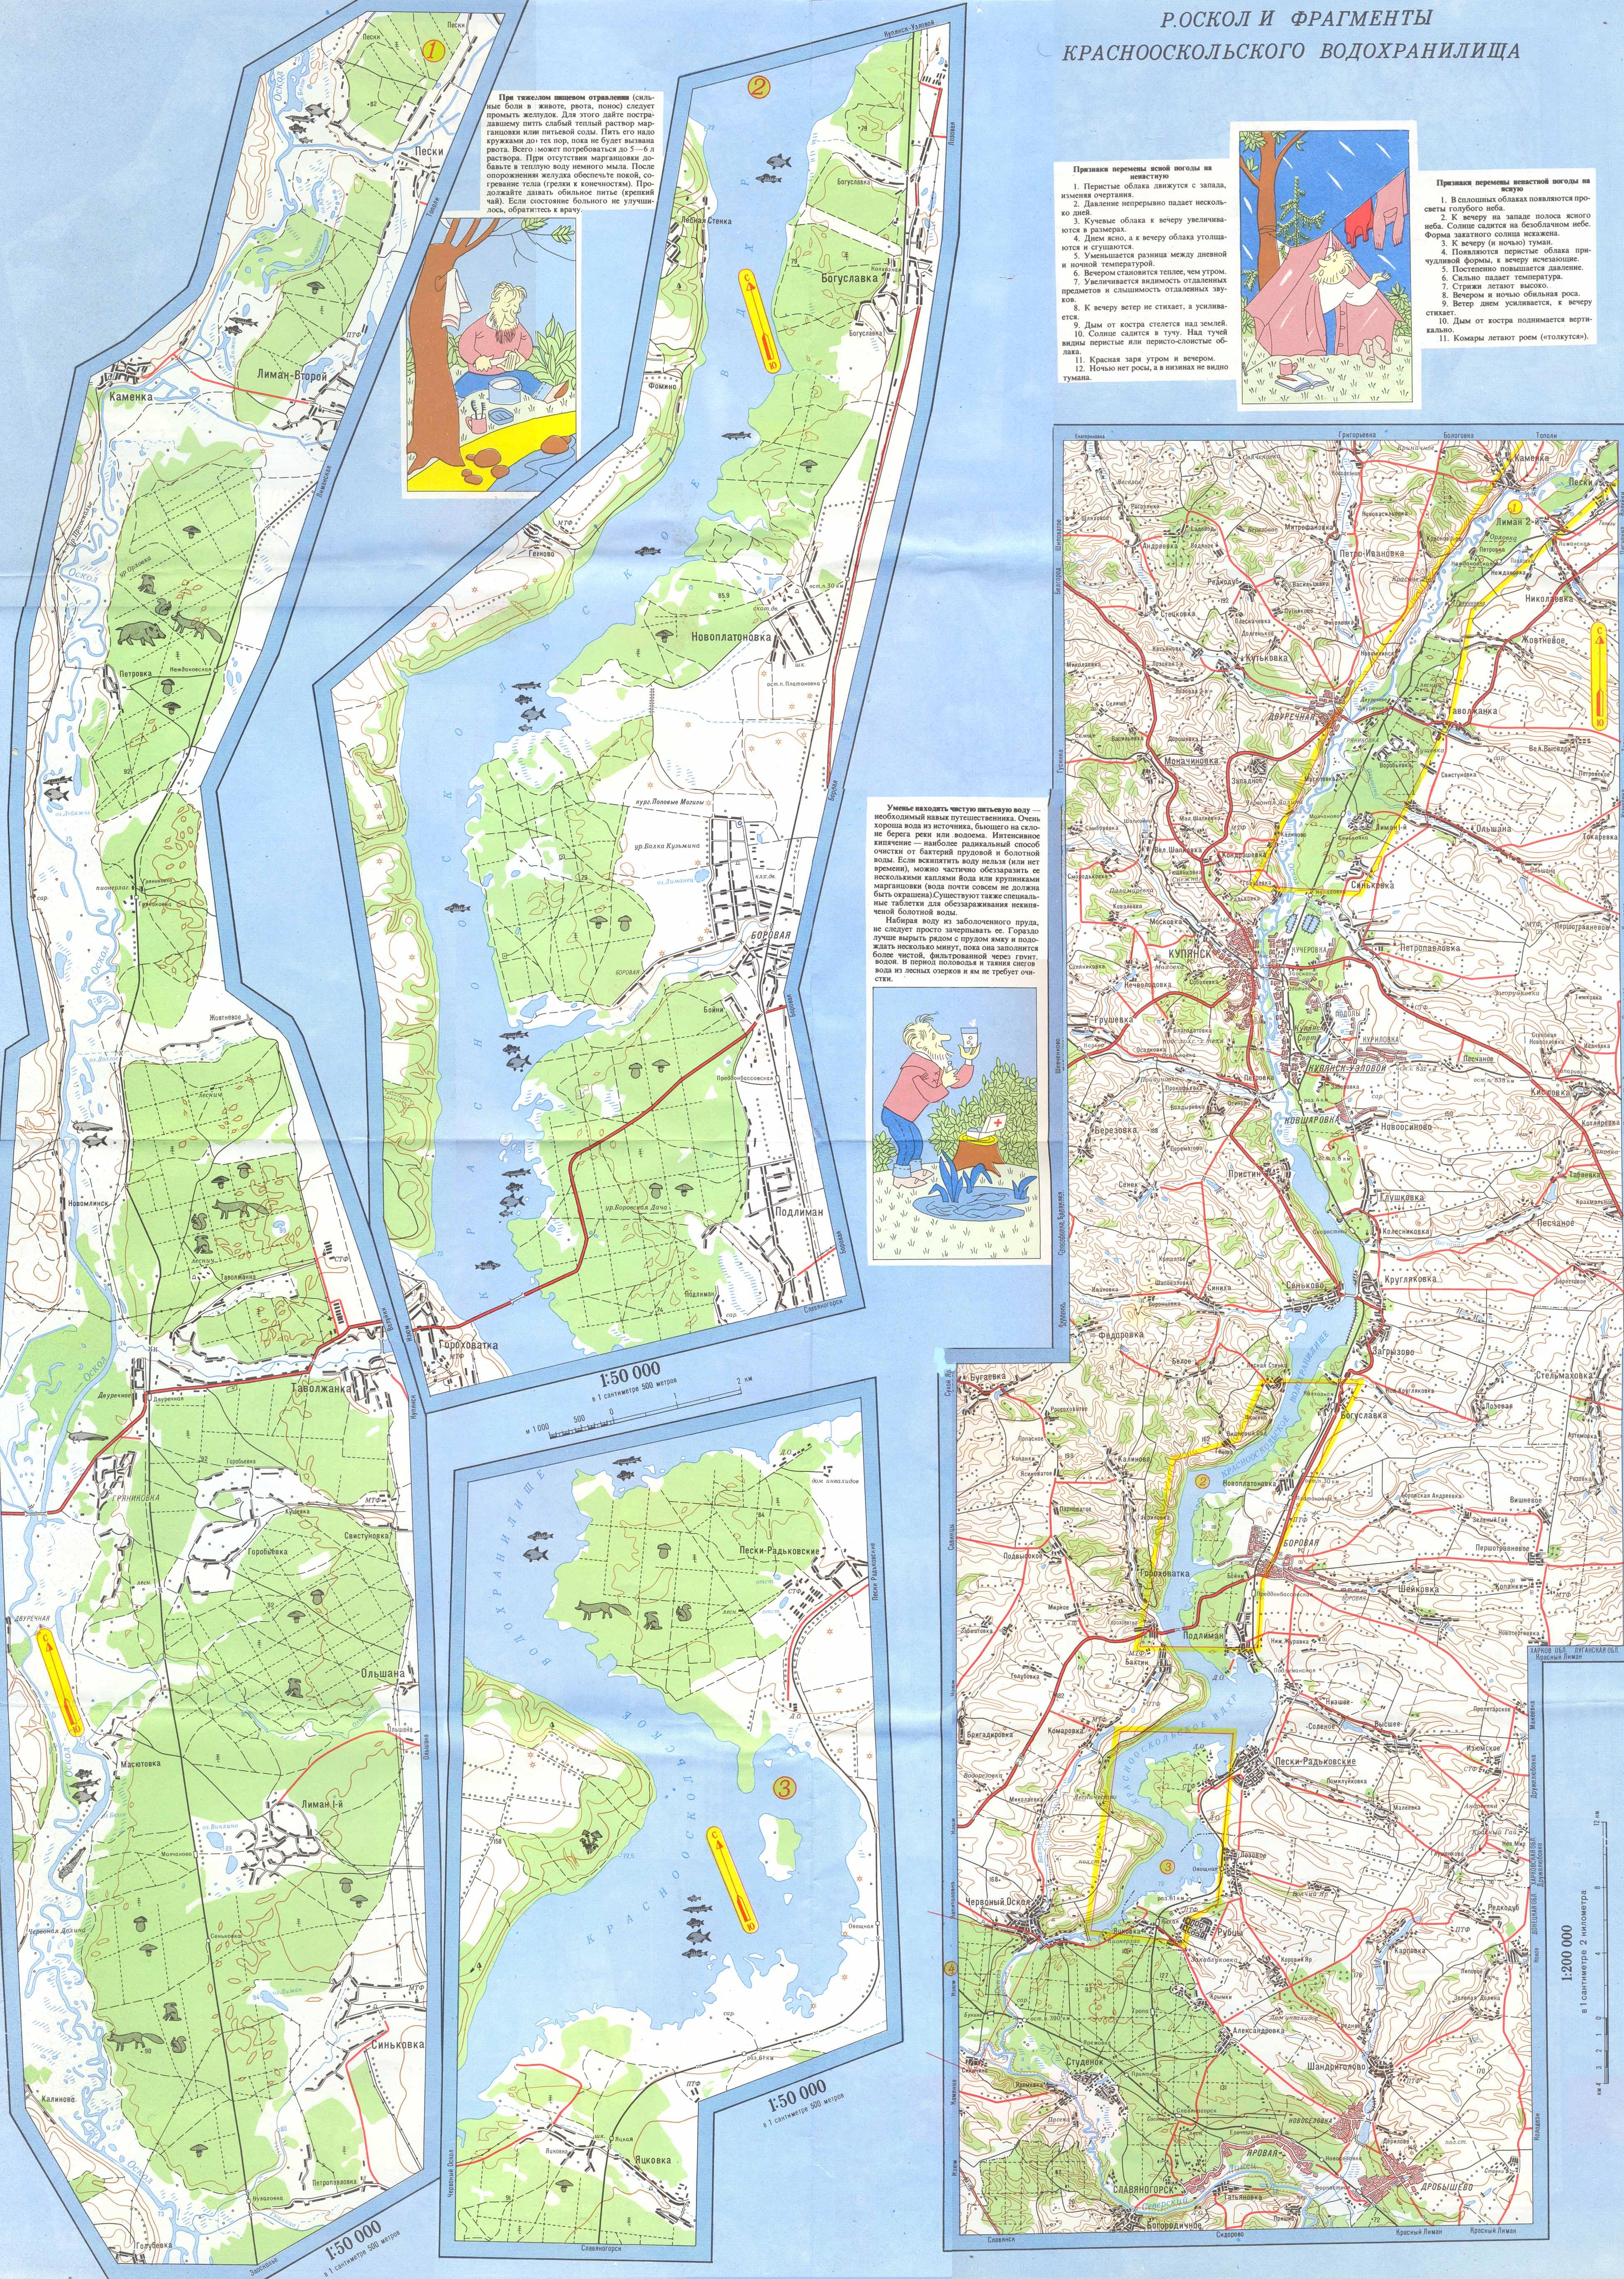 Краснооскольское Водохранилище Карта Глубин